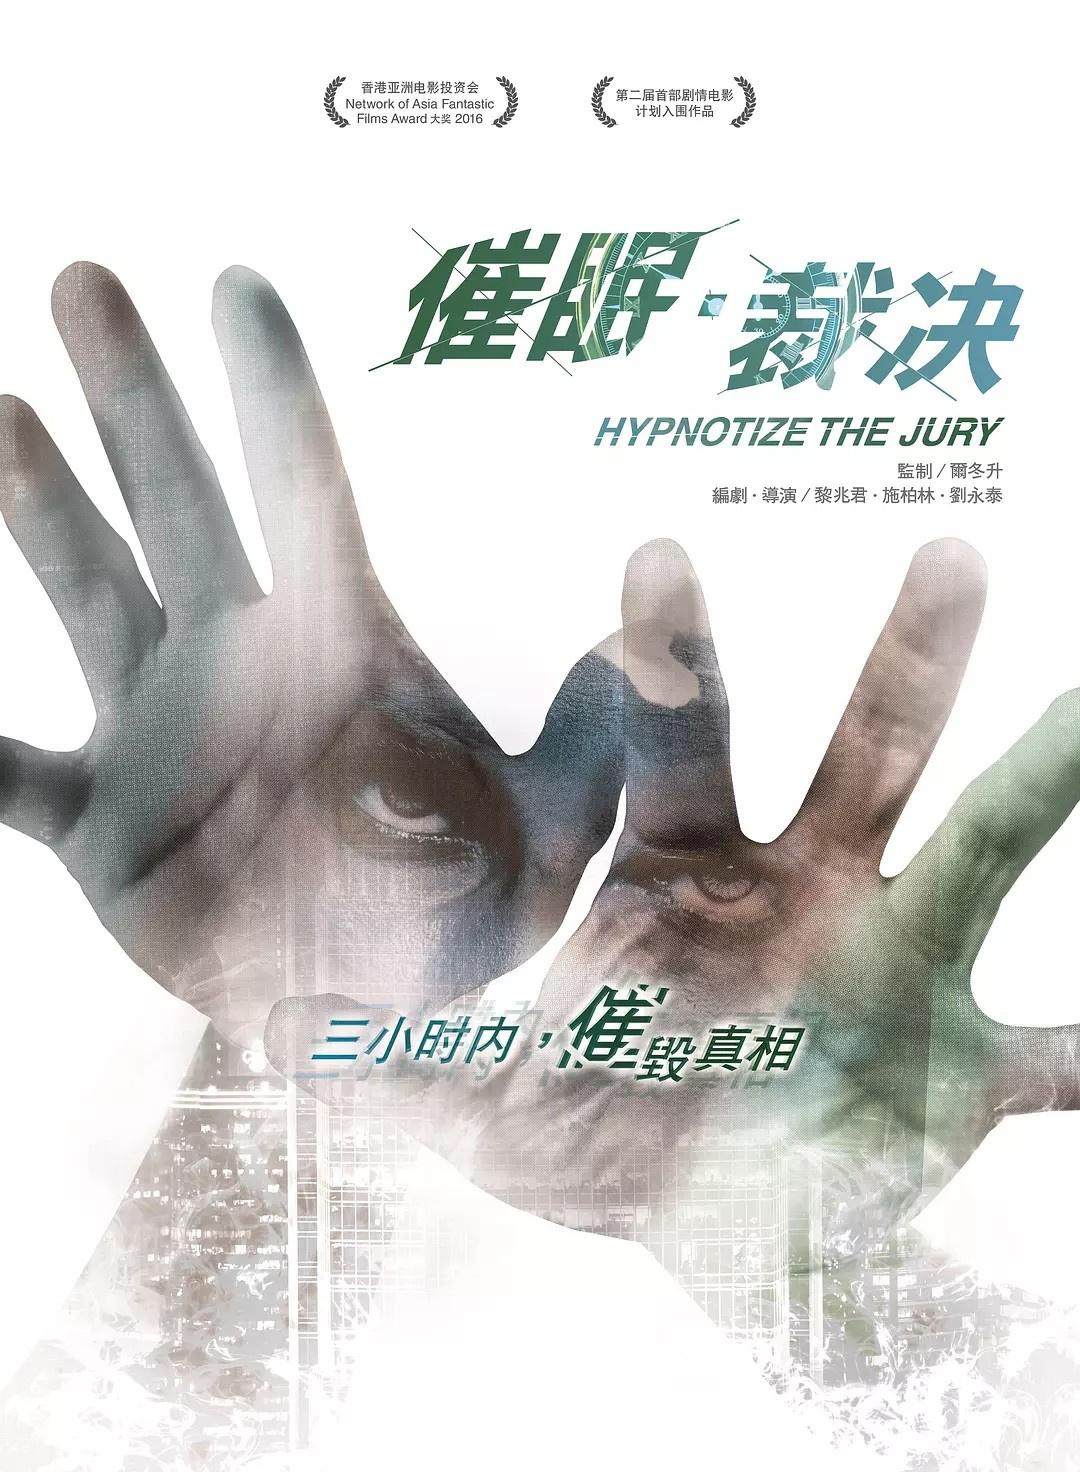 《催眠·裁决》定档9月12日 张家辉张翰联手出...